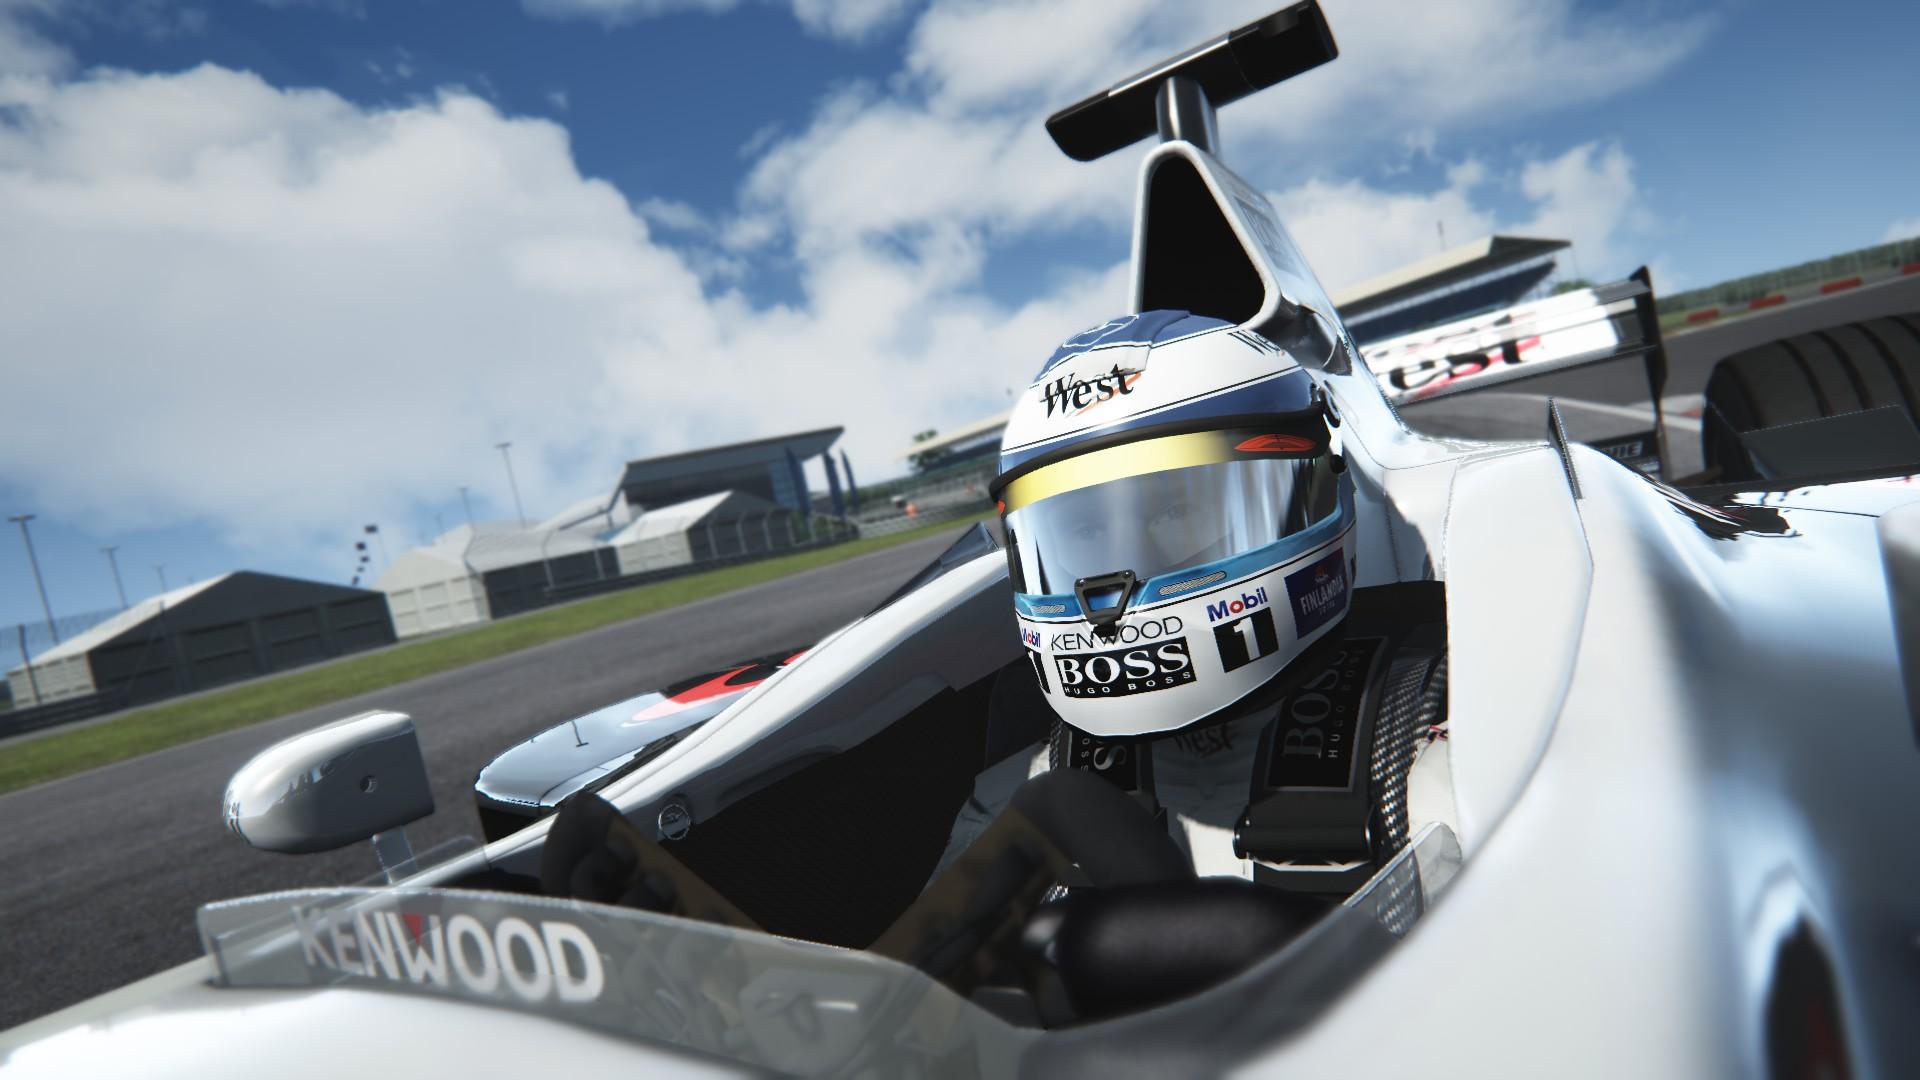 Assetto Corsa -  Mclaren mp4-13 by Virtua simulazioni Silverstone 08